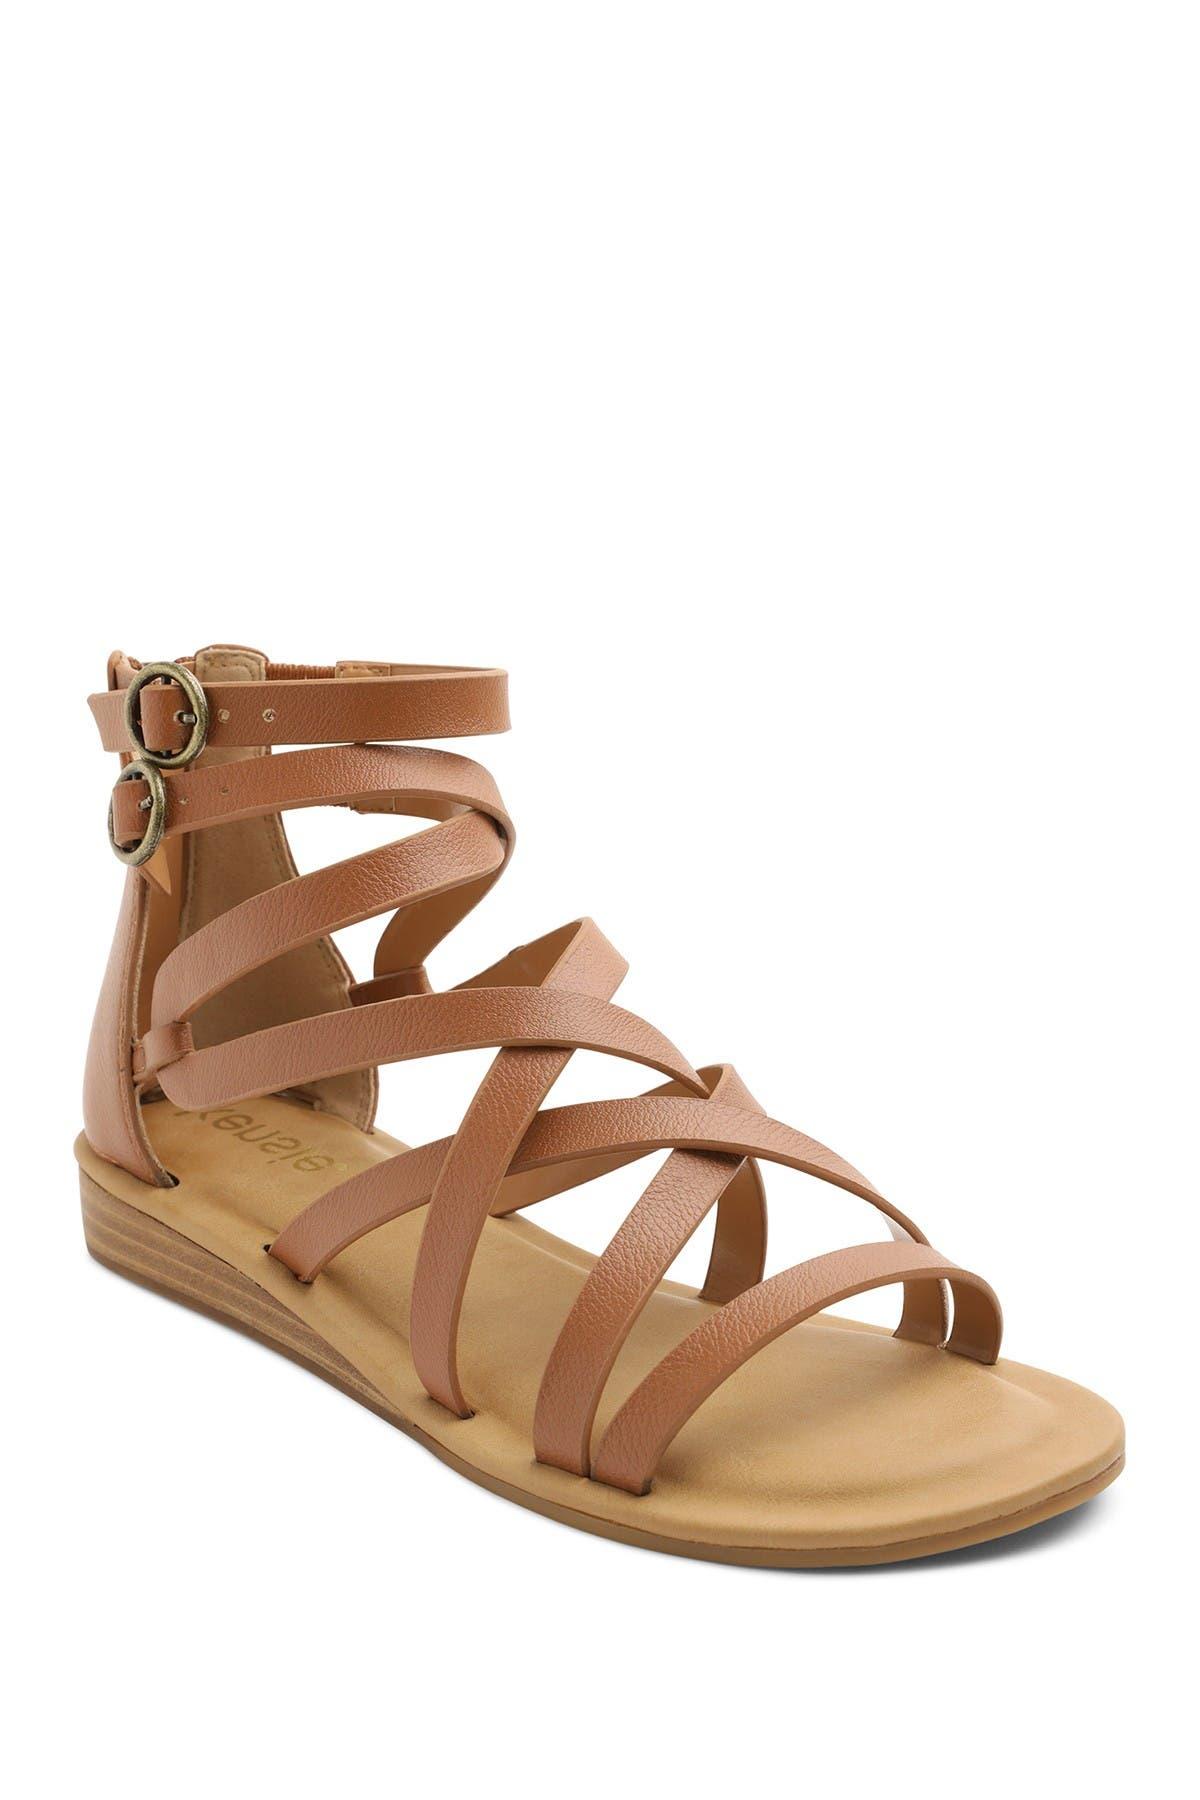 Image of Kensie Lanica Gladiator Sandal